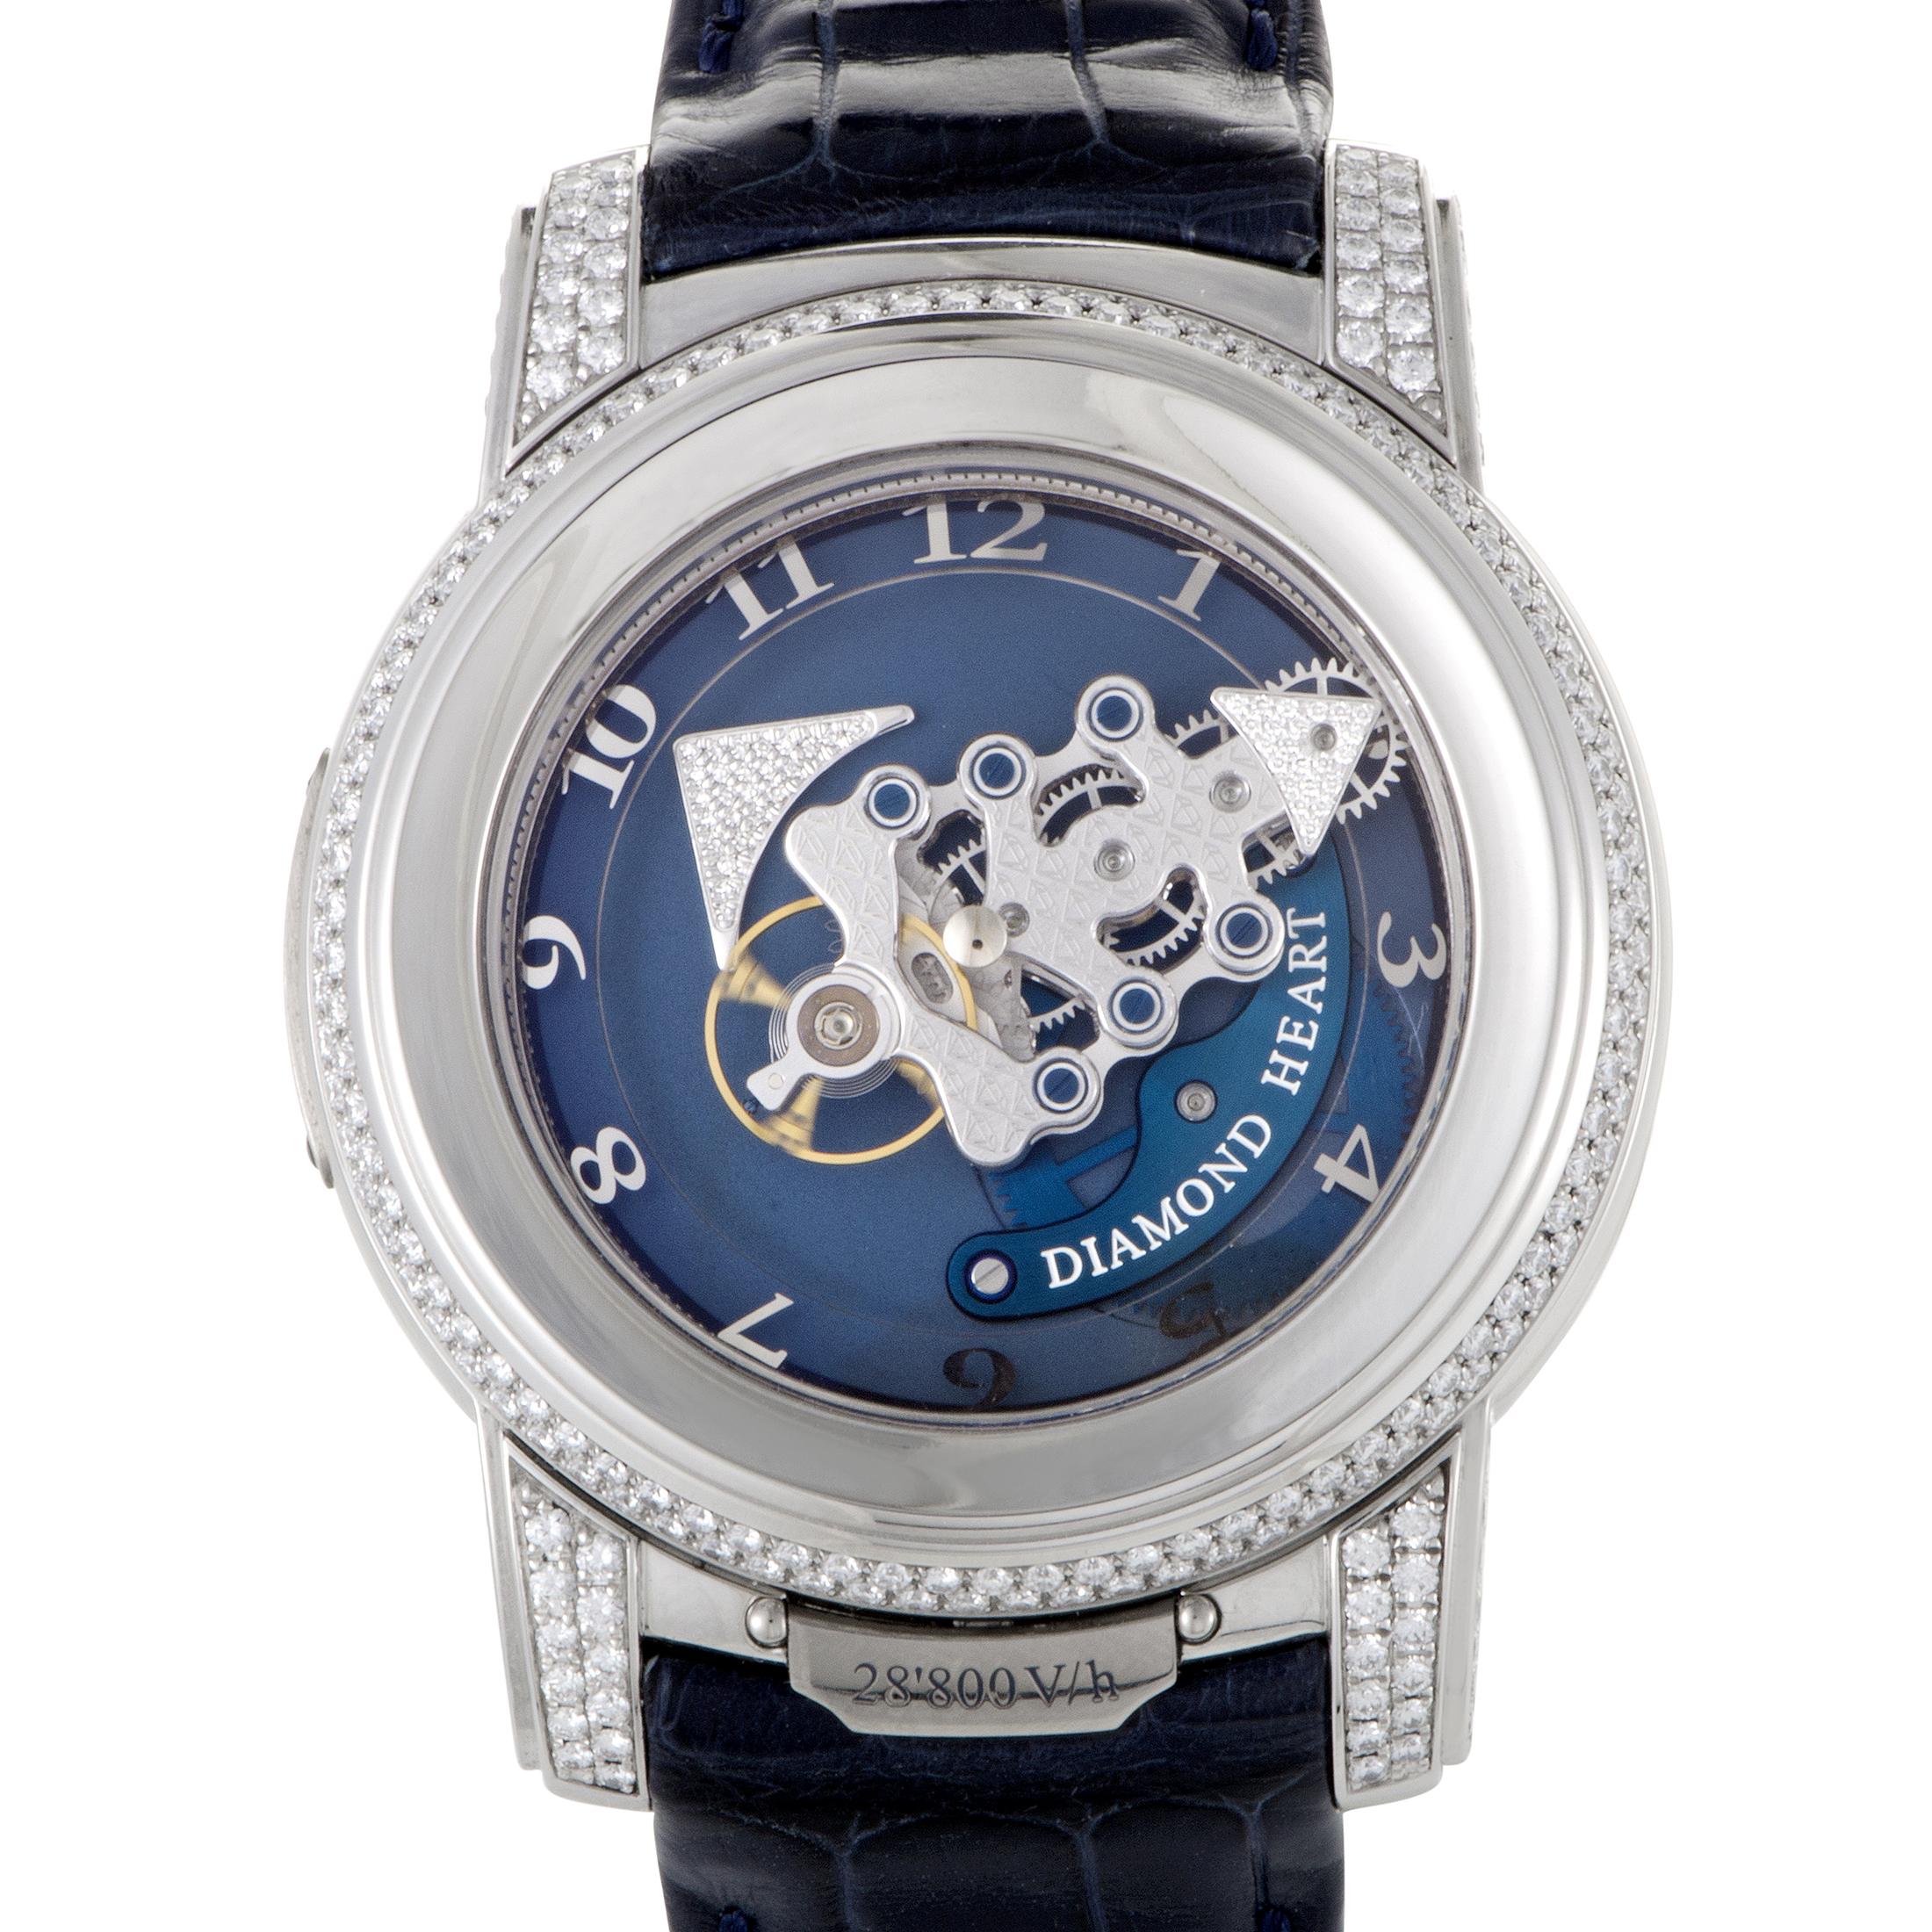 Freak 28800 VH Diamond Heart Mens Watch 44.5mm 029-80